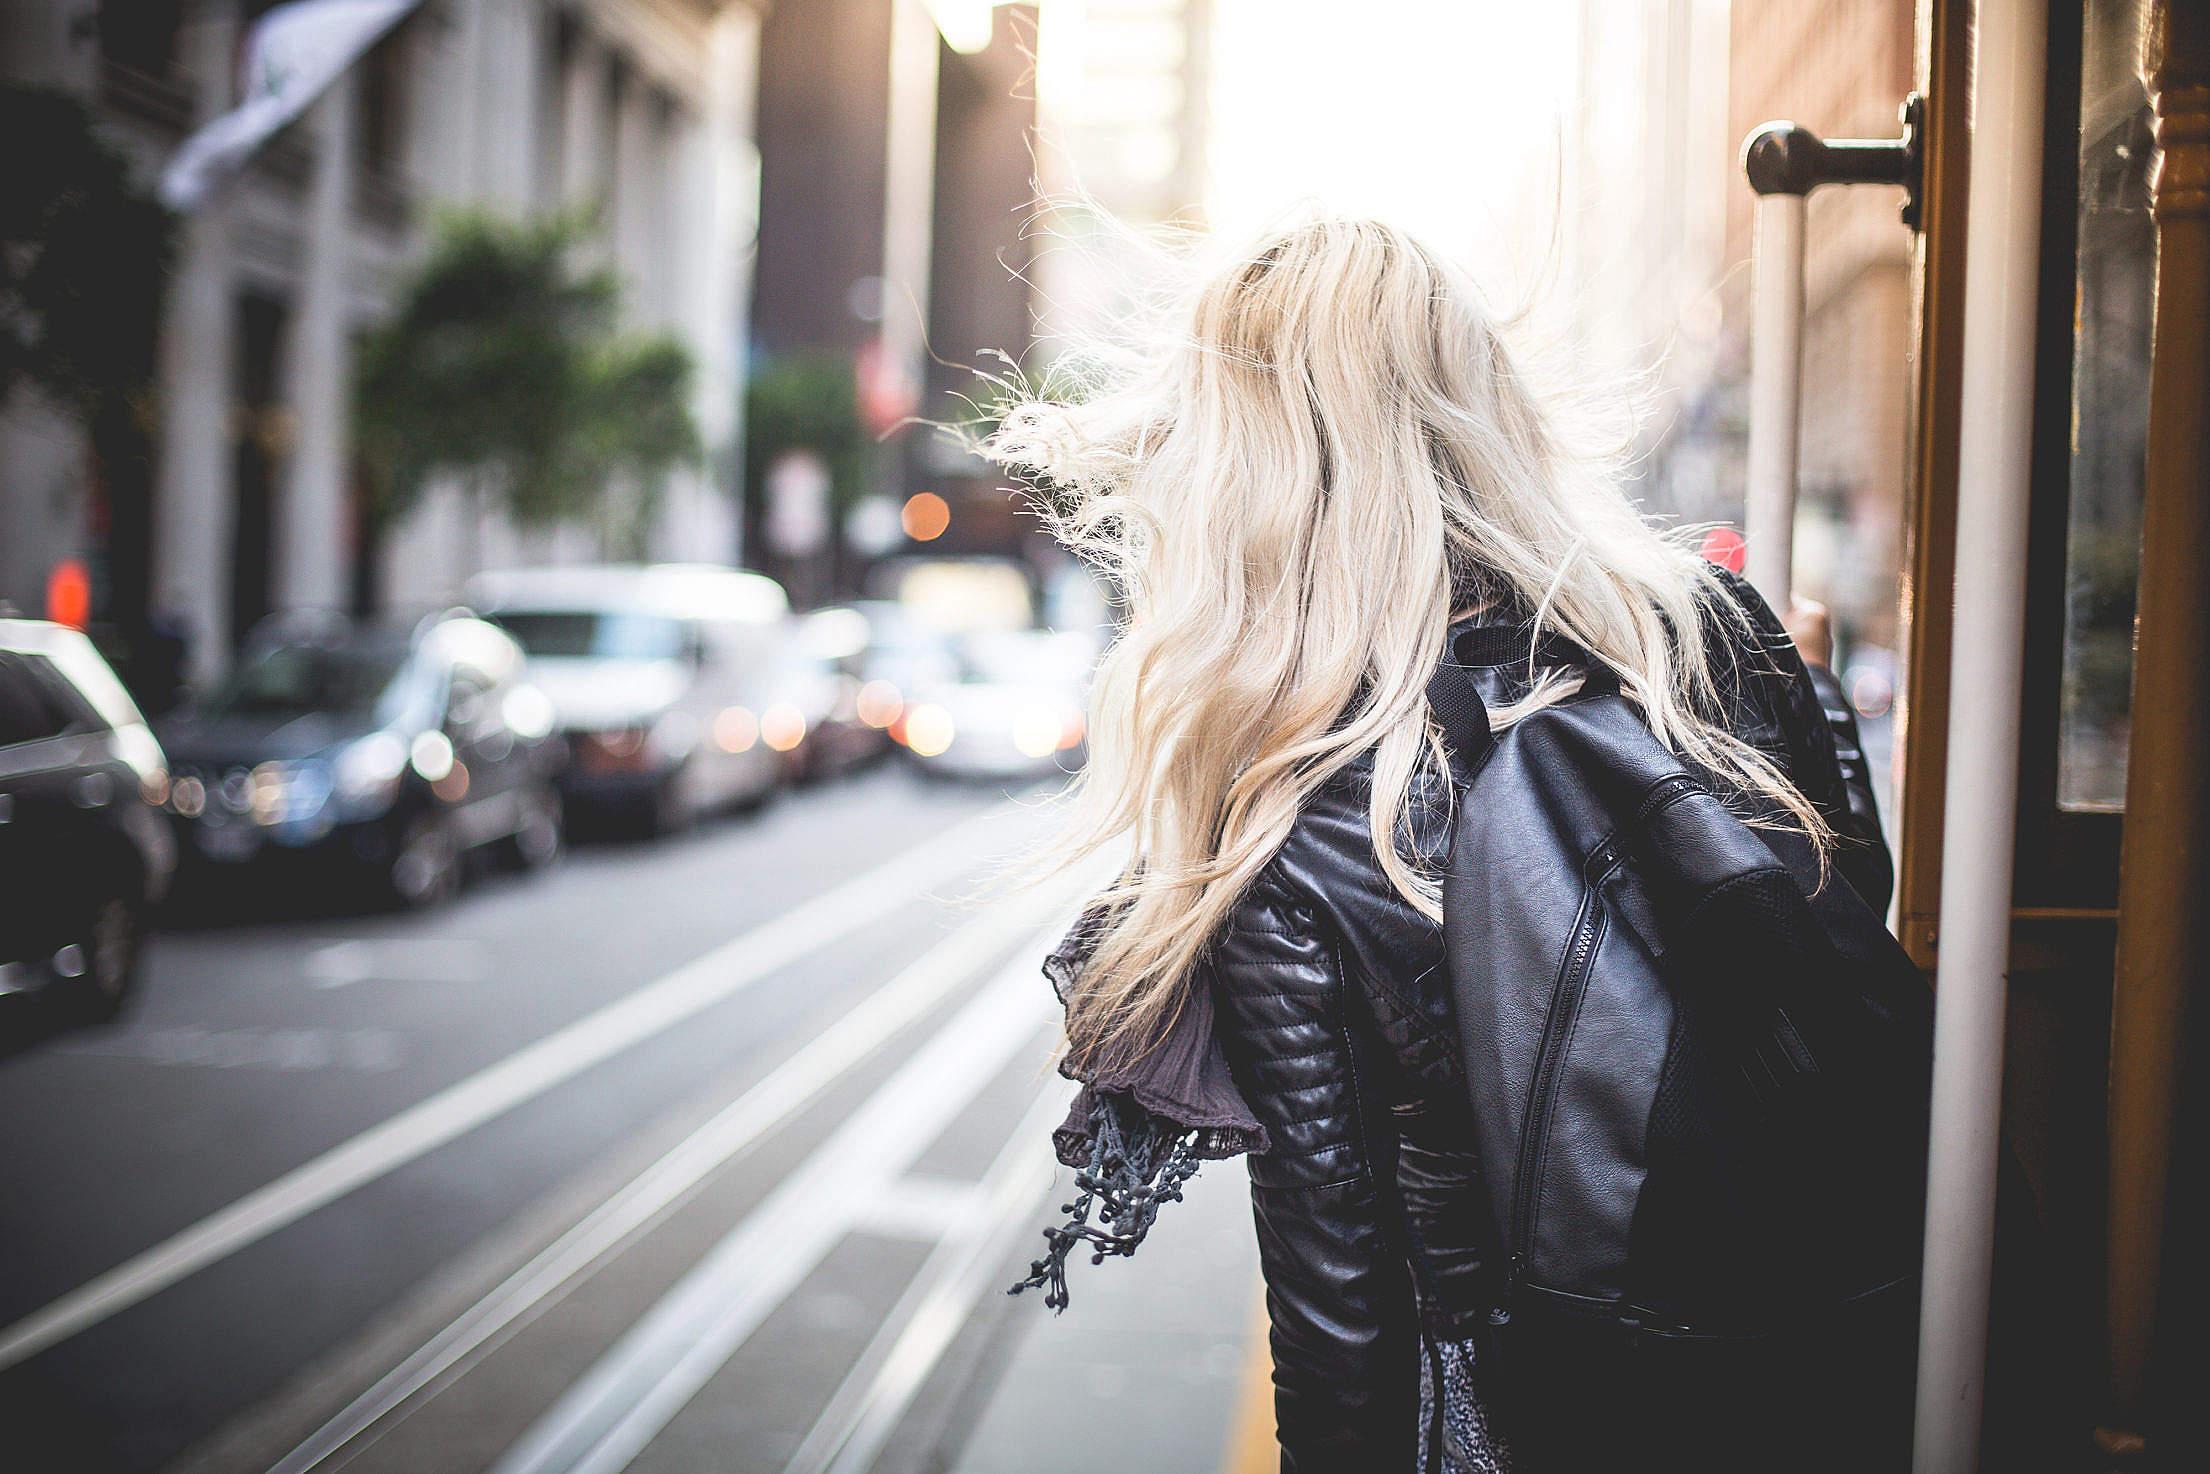 Ragazza bionda vista di spalle che scende da un tram